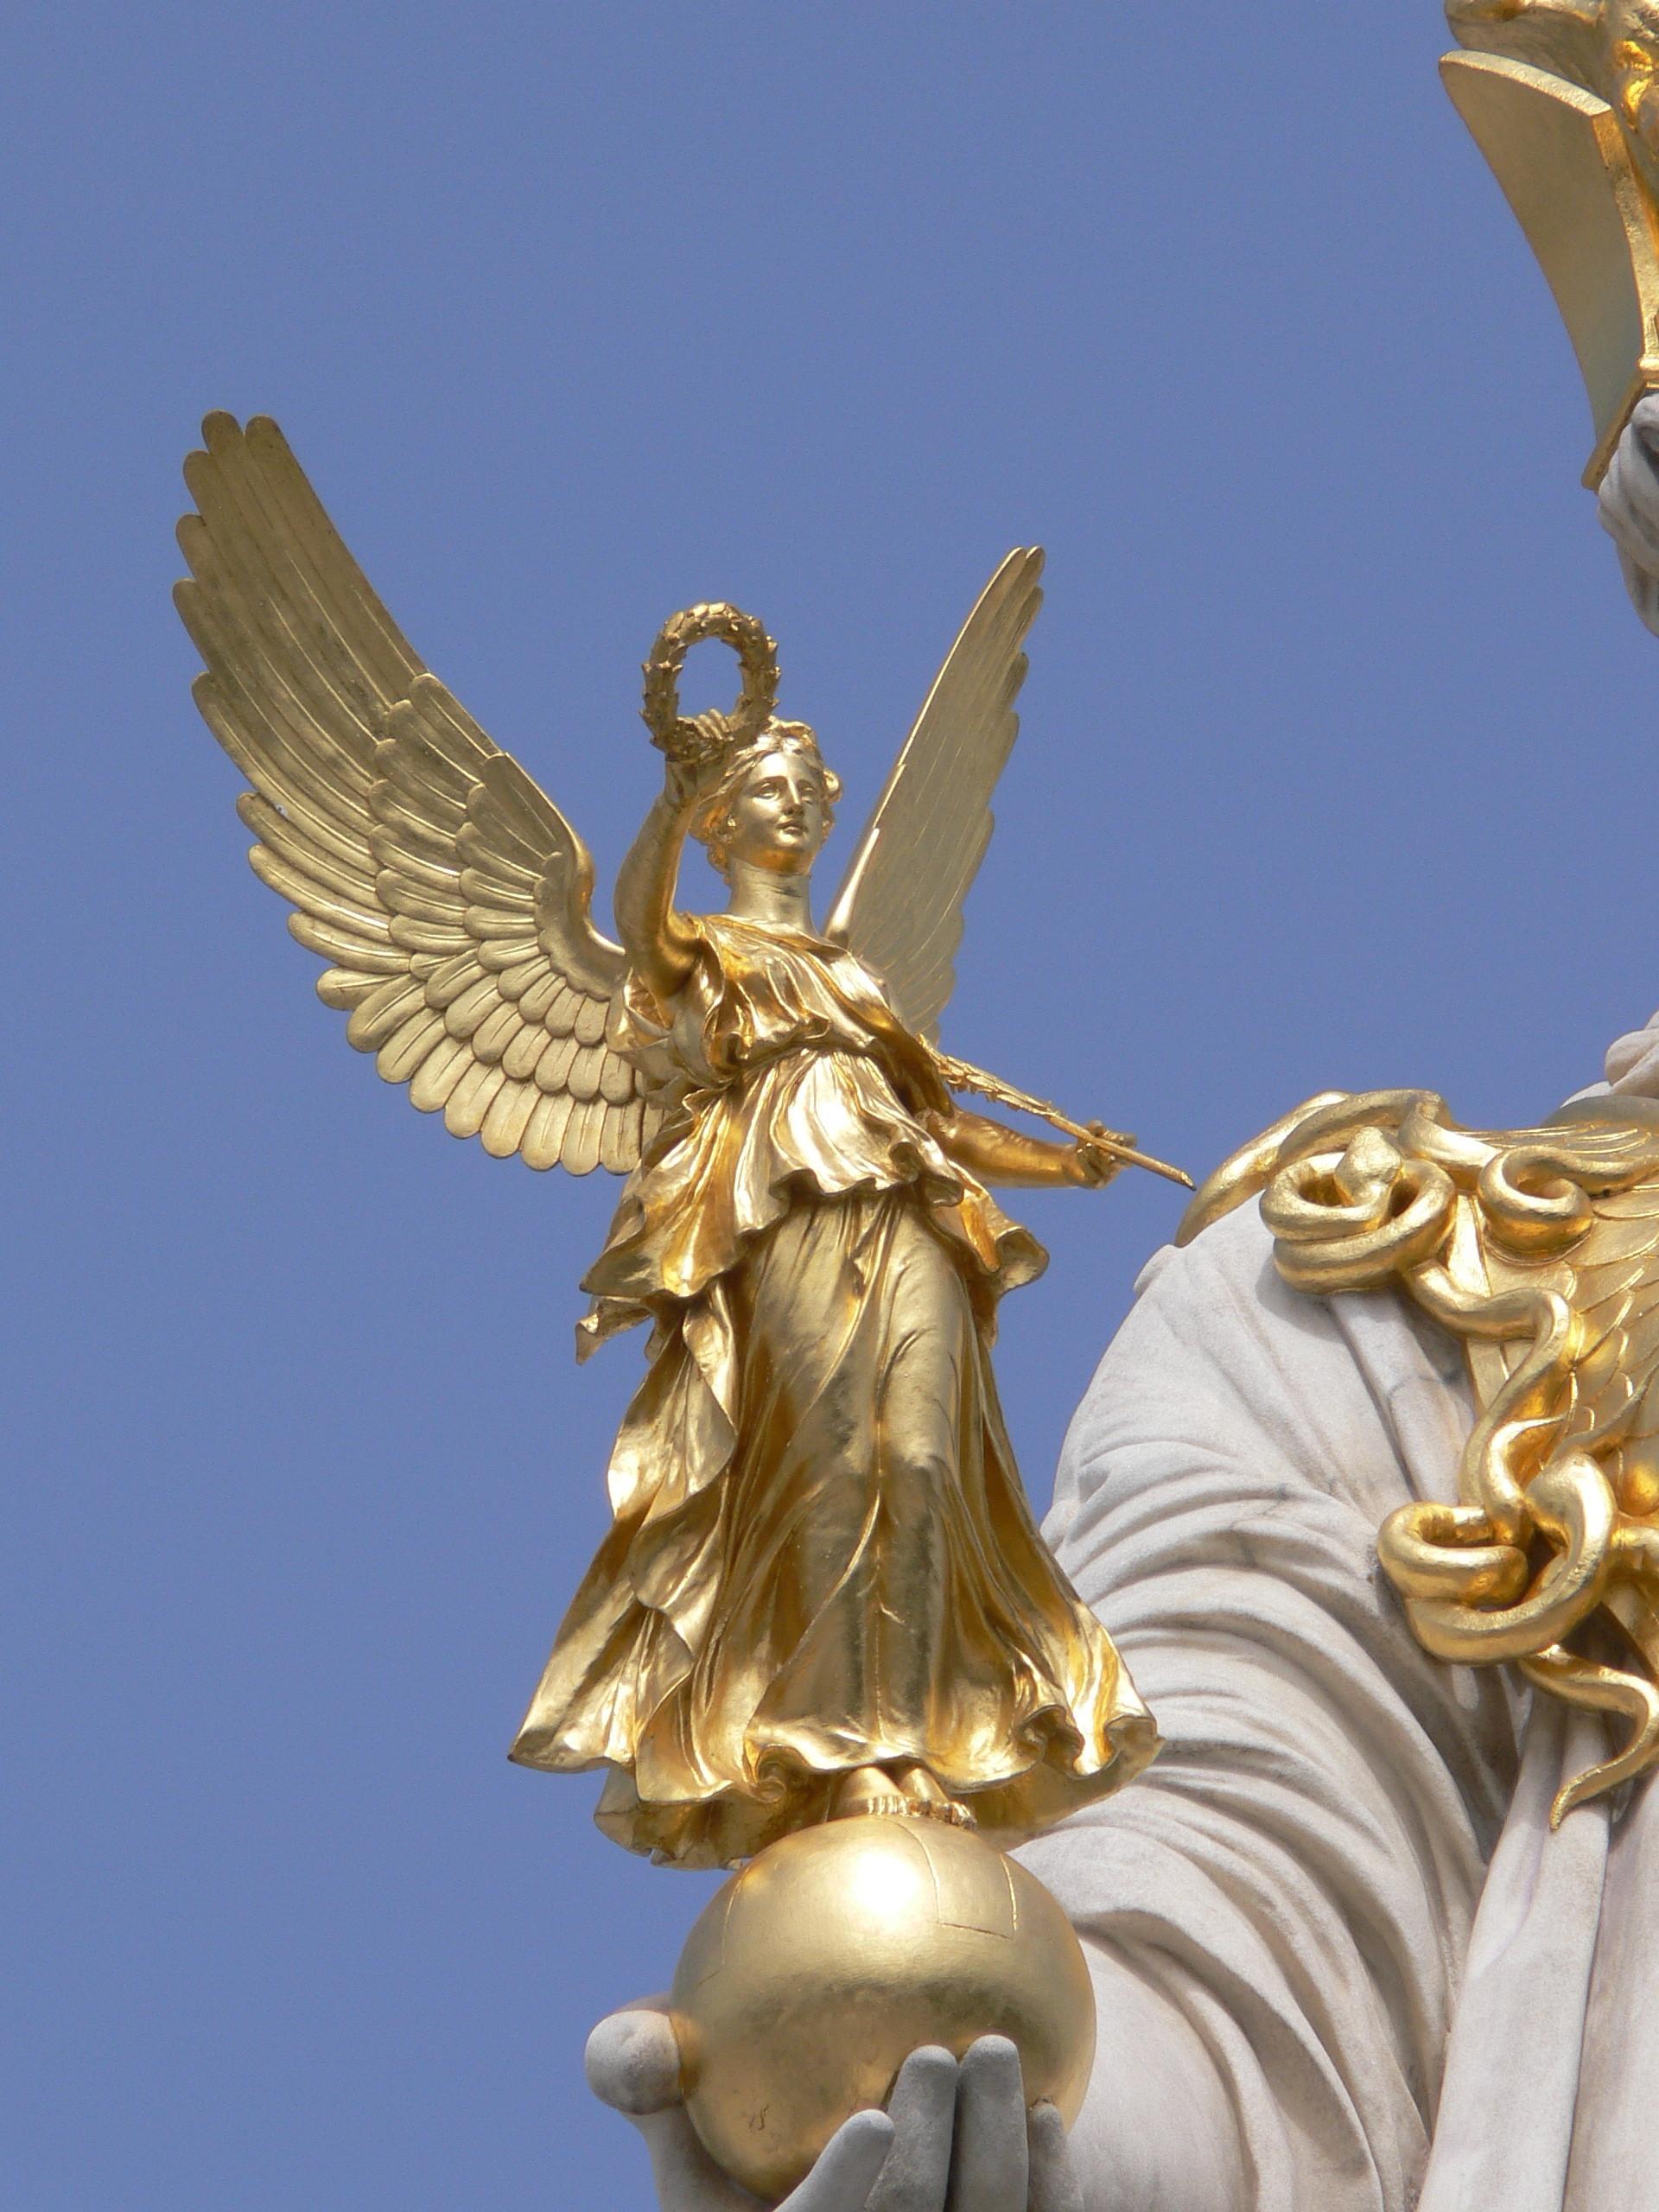 Athena summary